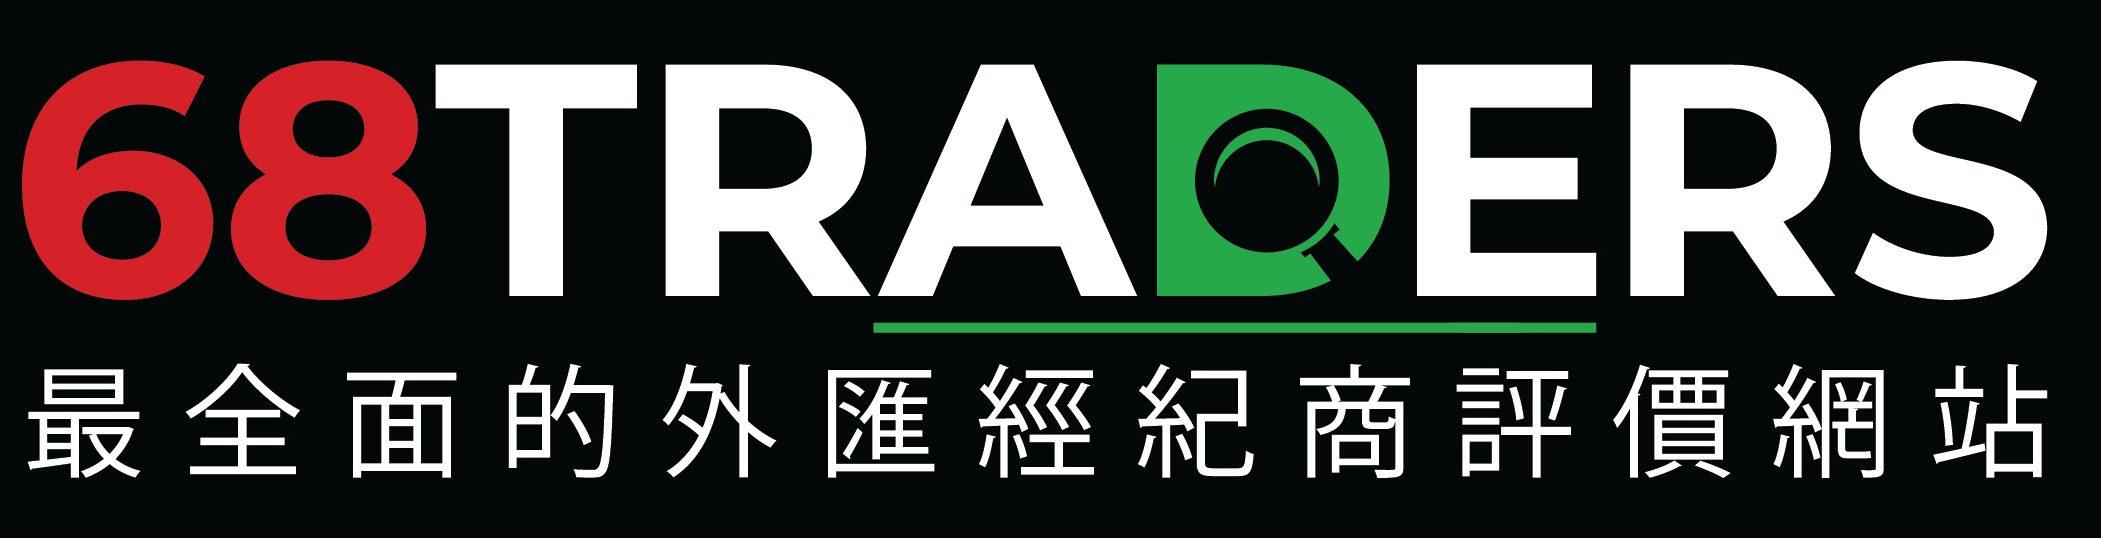 台灣外匯保證金交易平台排名